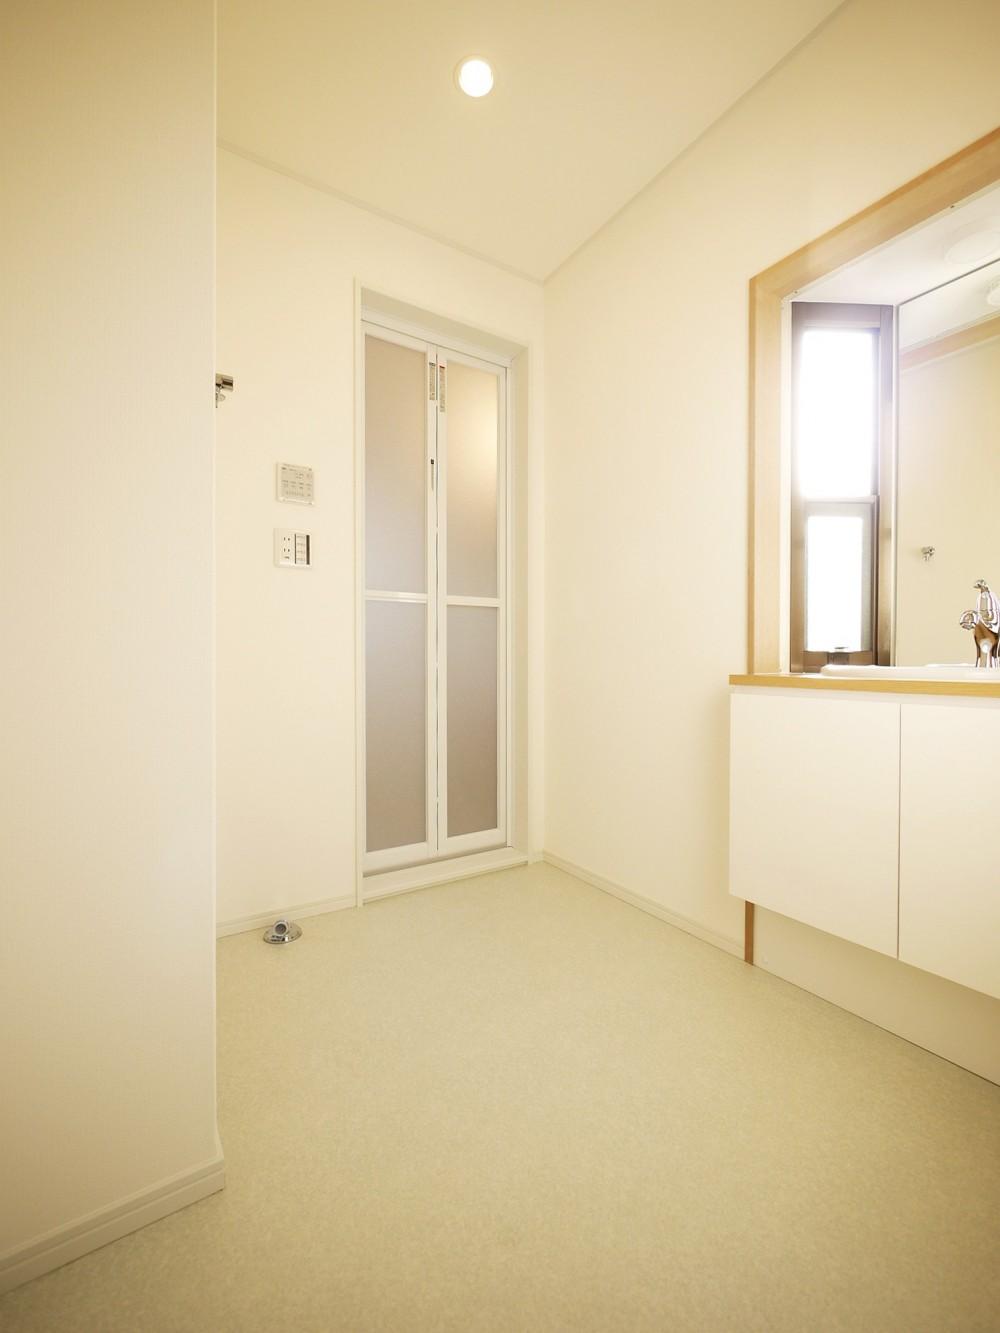 戸建の和室をオープンな空間に (洗面室)